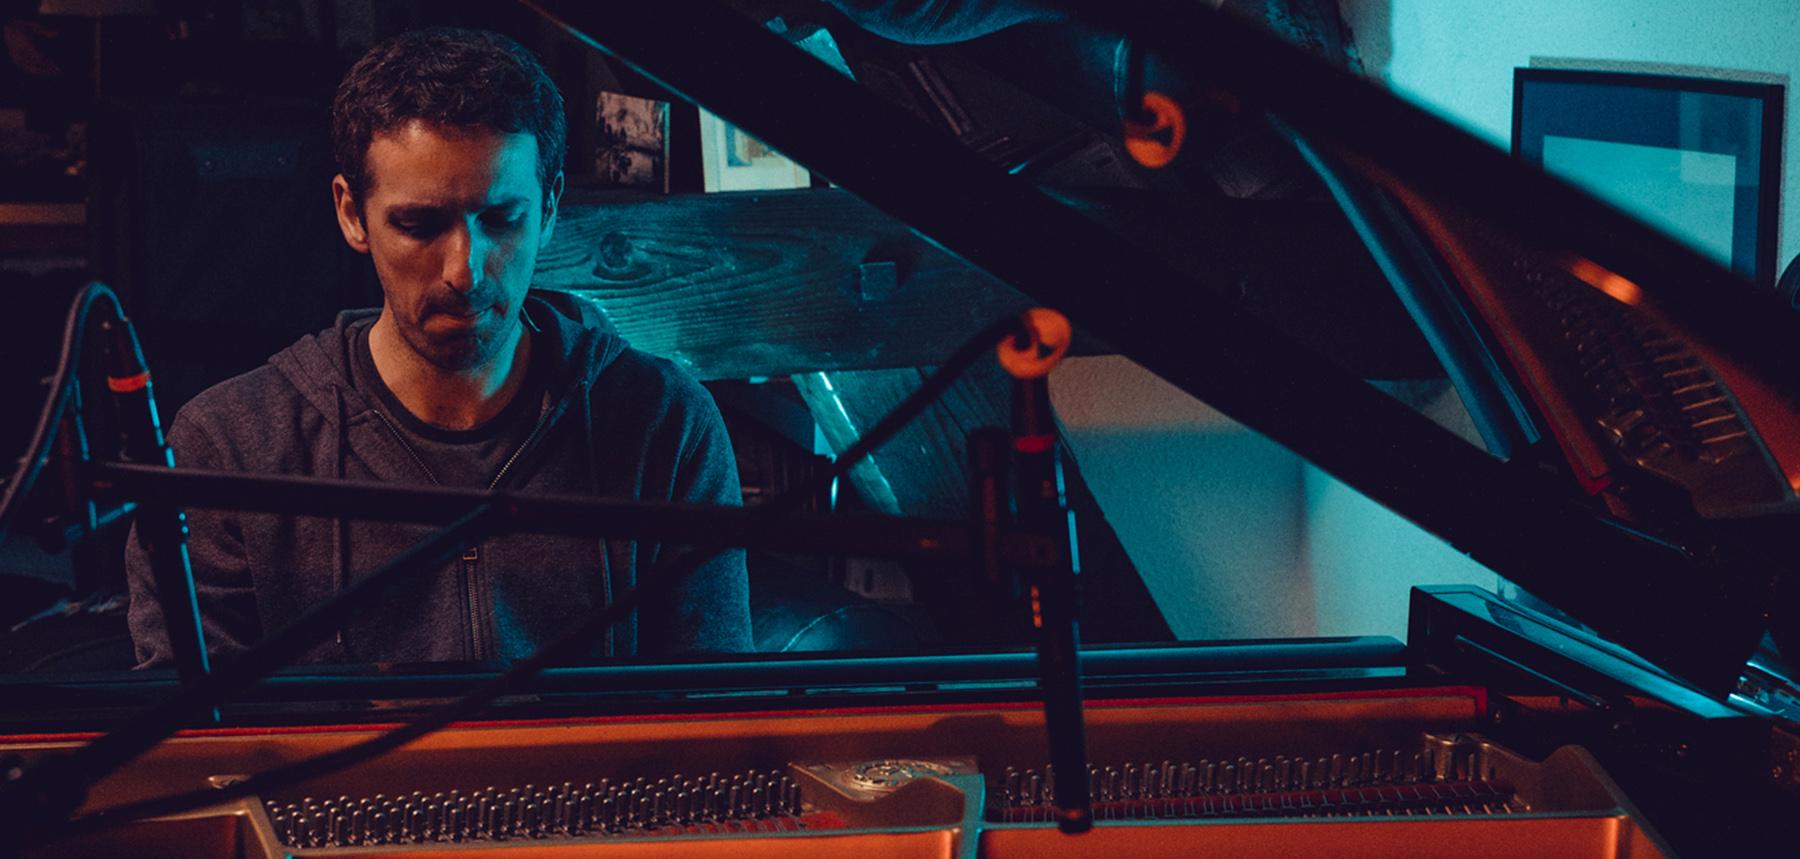 Martin Schiffman au piano